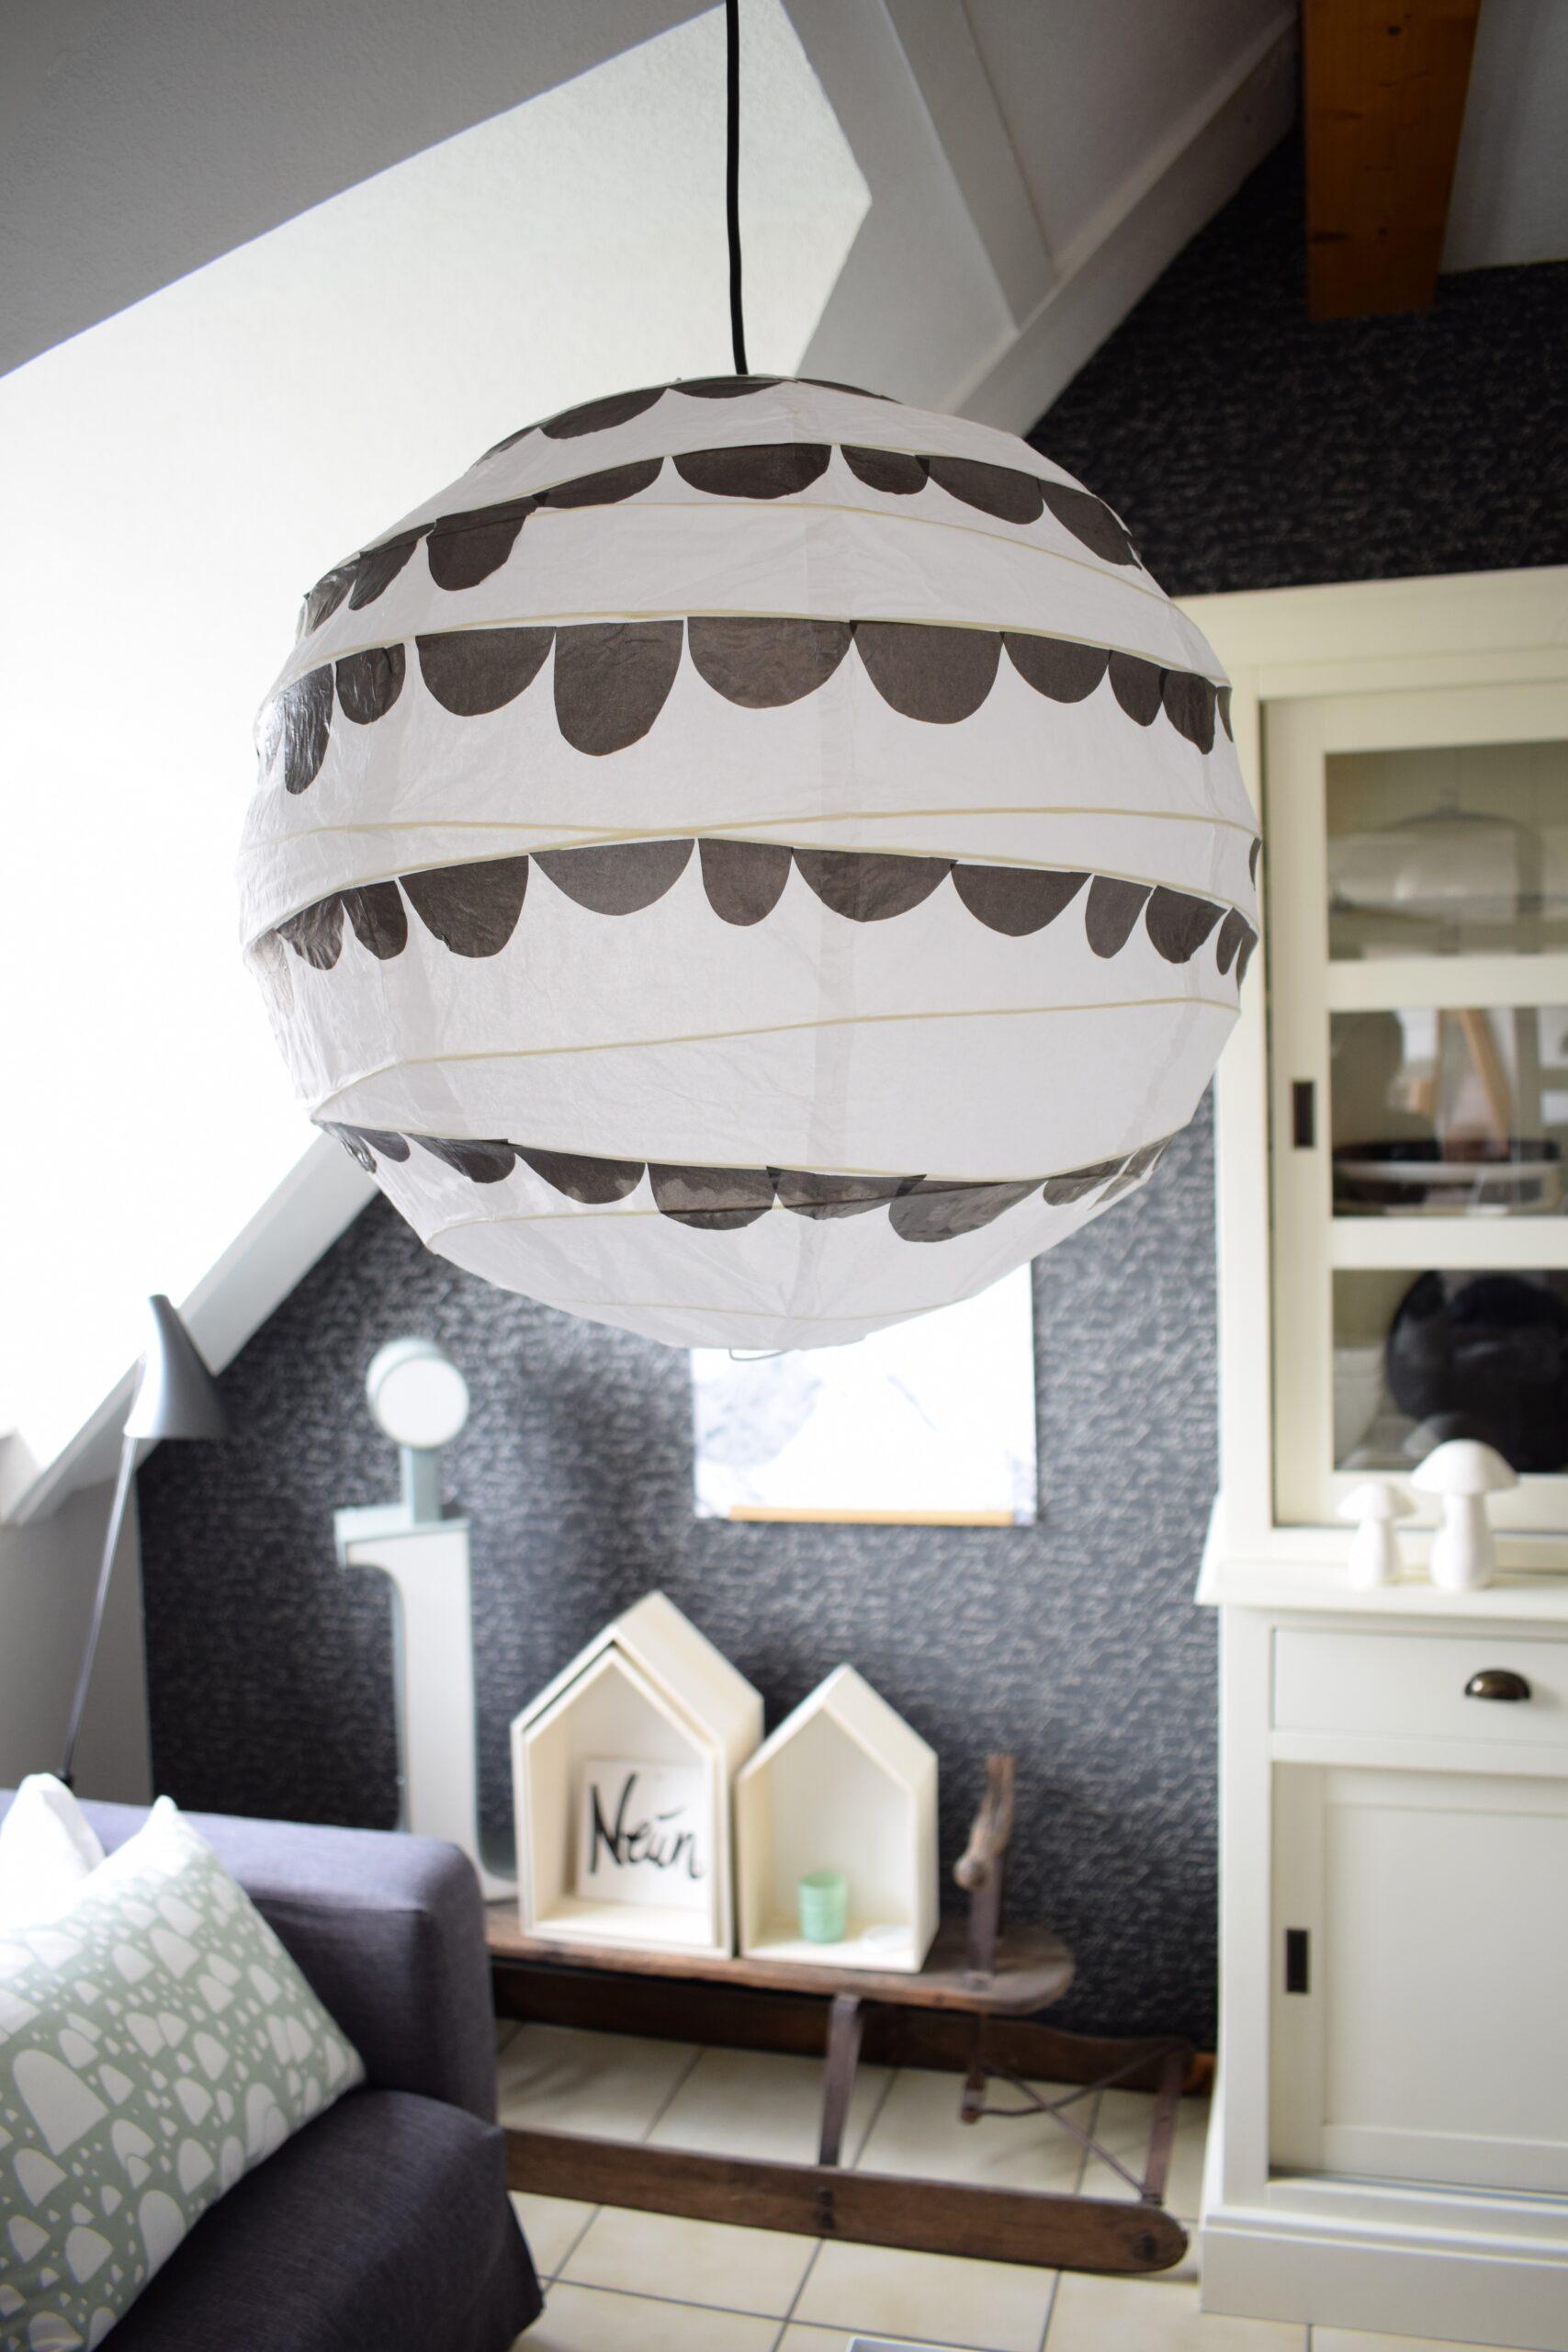 Full Size of Wohnzimmer Lampe Ikea Lampen Decke Von Leuchten Stehend Diy Eine Neue Frs Kinderzimmer Schwarz Auf Wei Küche Kosten Wohnwand Bilder Fürs Pendelleuchte Tapete Wohnzimmer Wohnzimmer Lampe Ikea